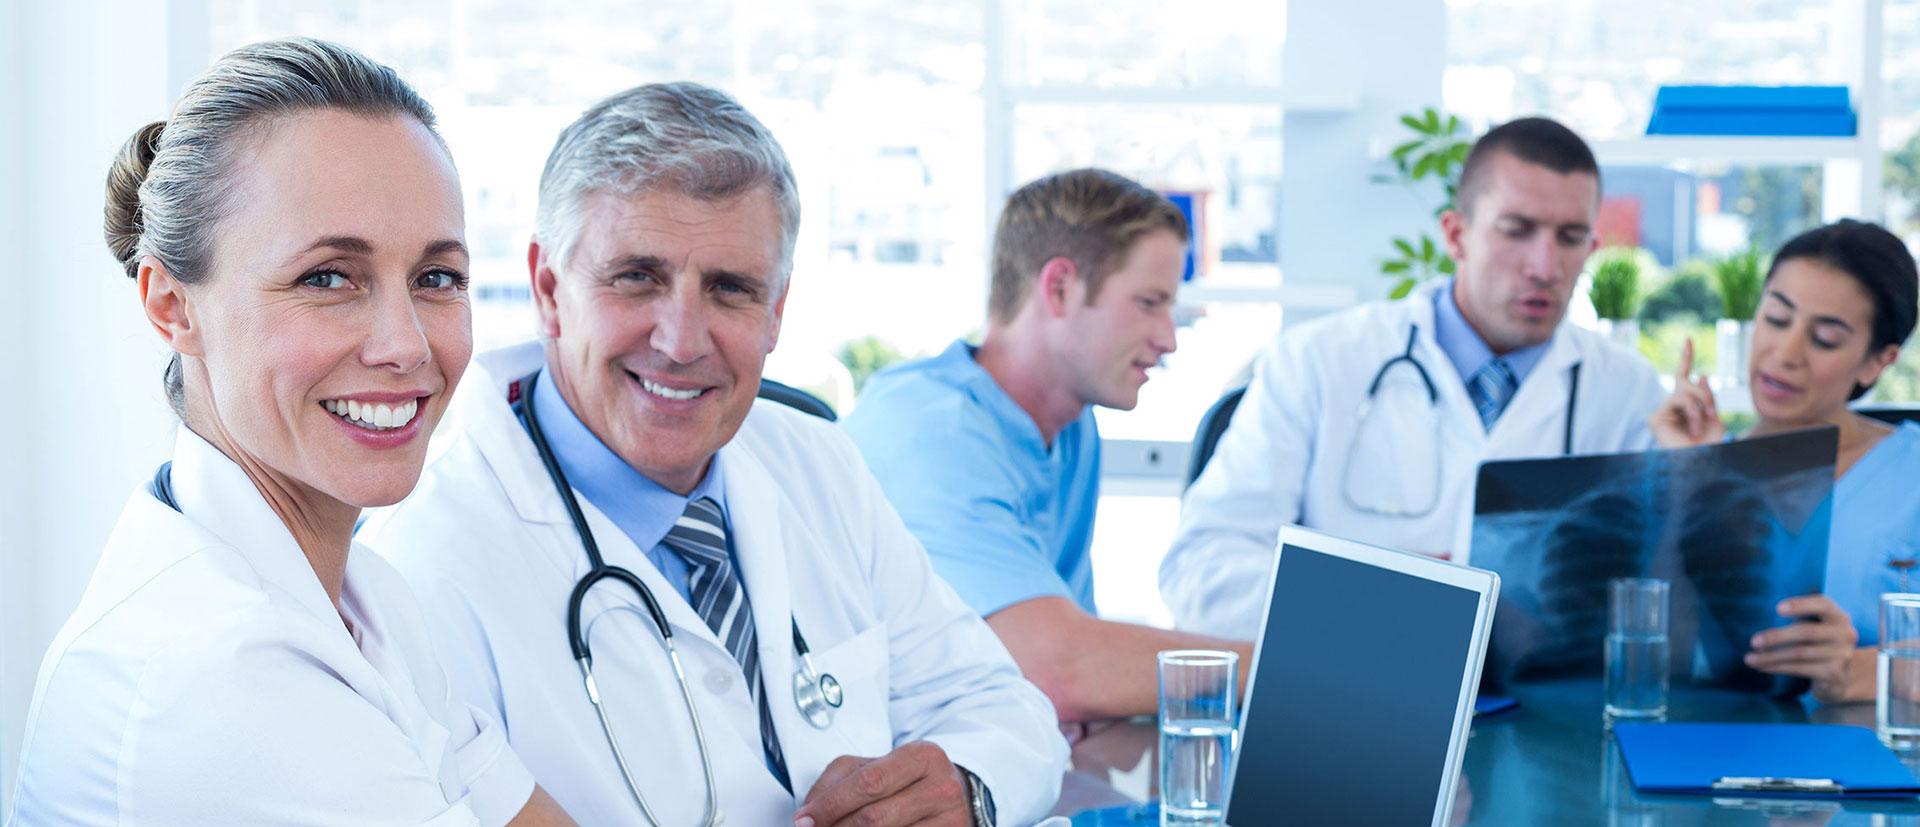 zespół lekarzy pracujących razem